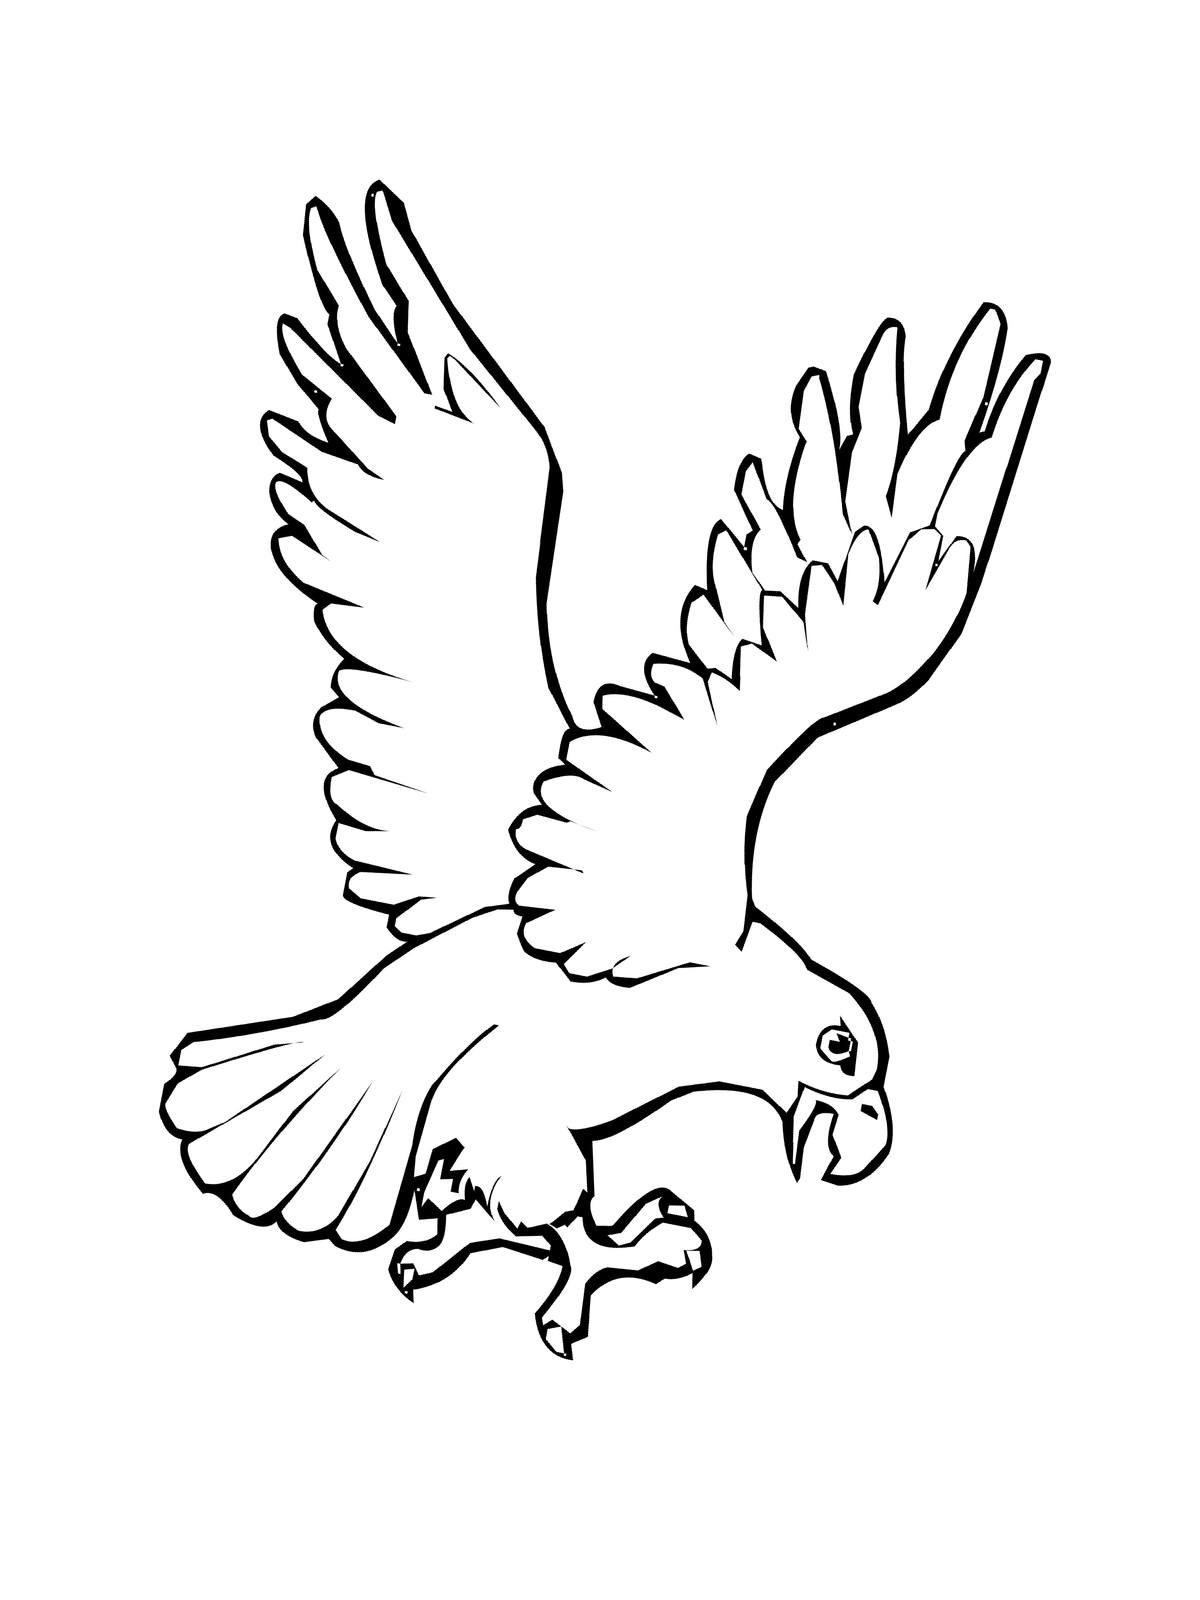 Ausmalbilder, Malvorlagen von Adler kostenlos zum Ausdrucken ...